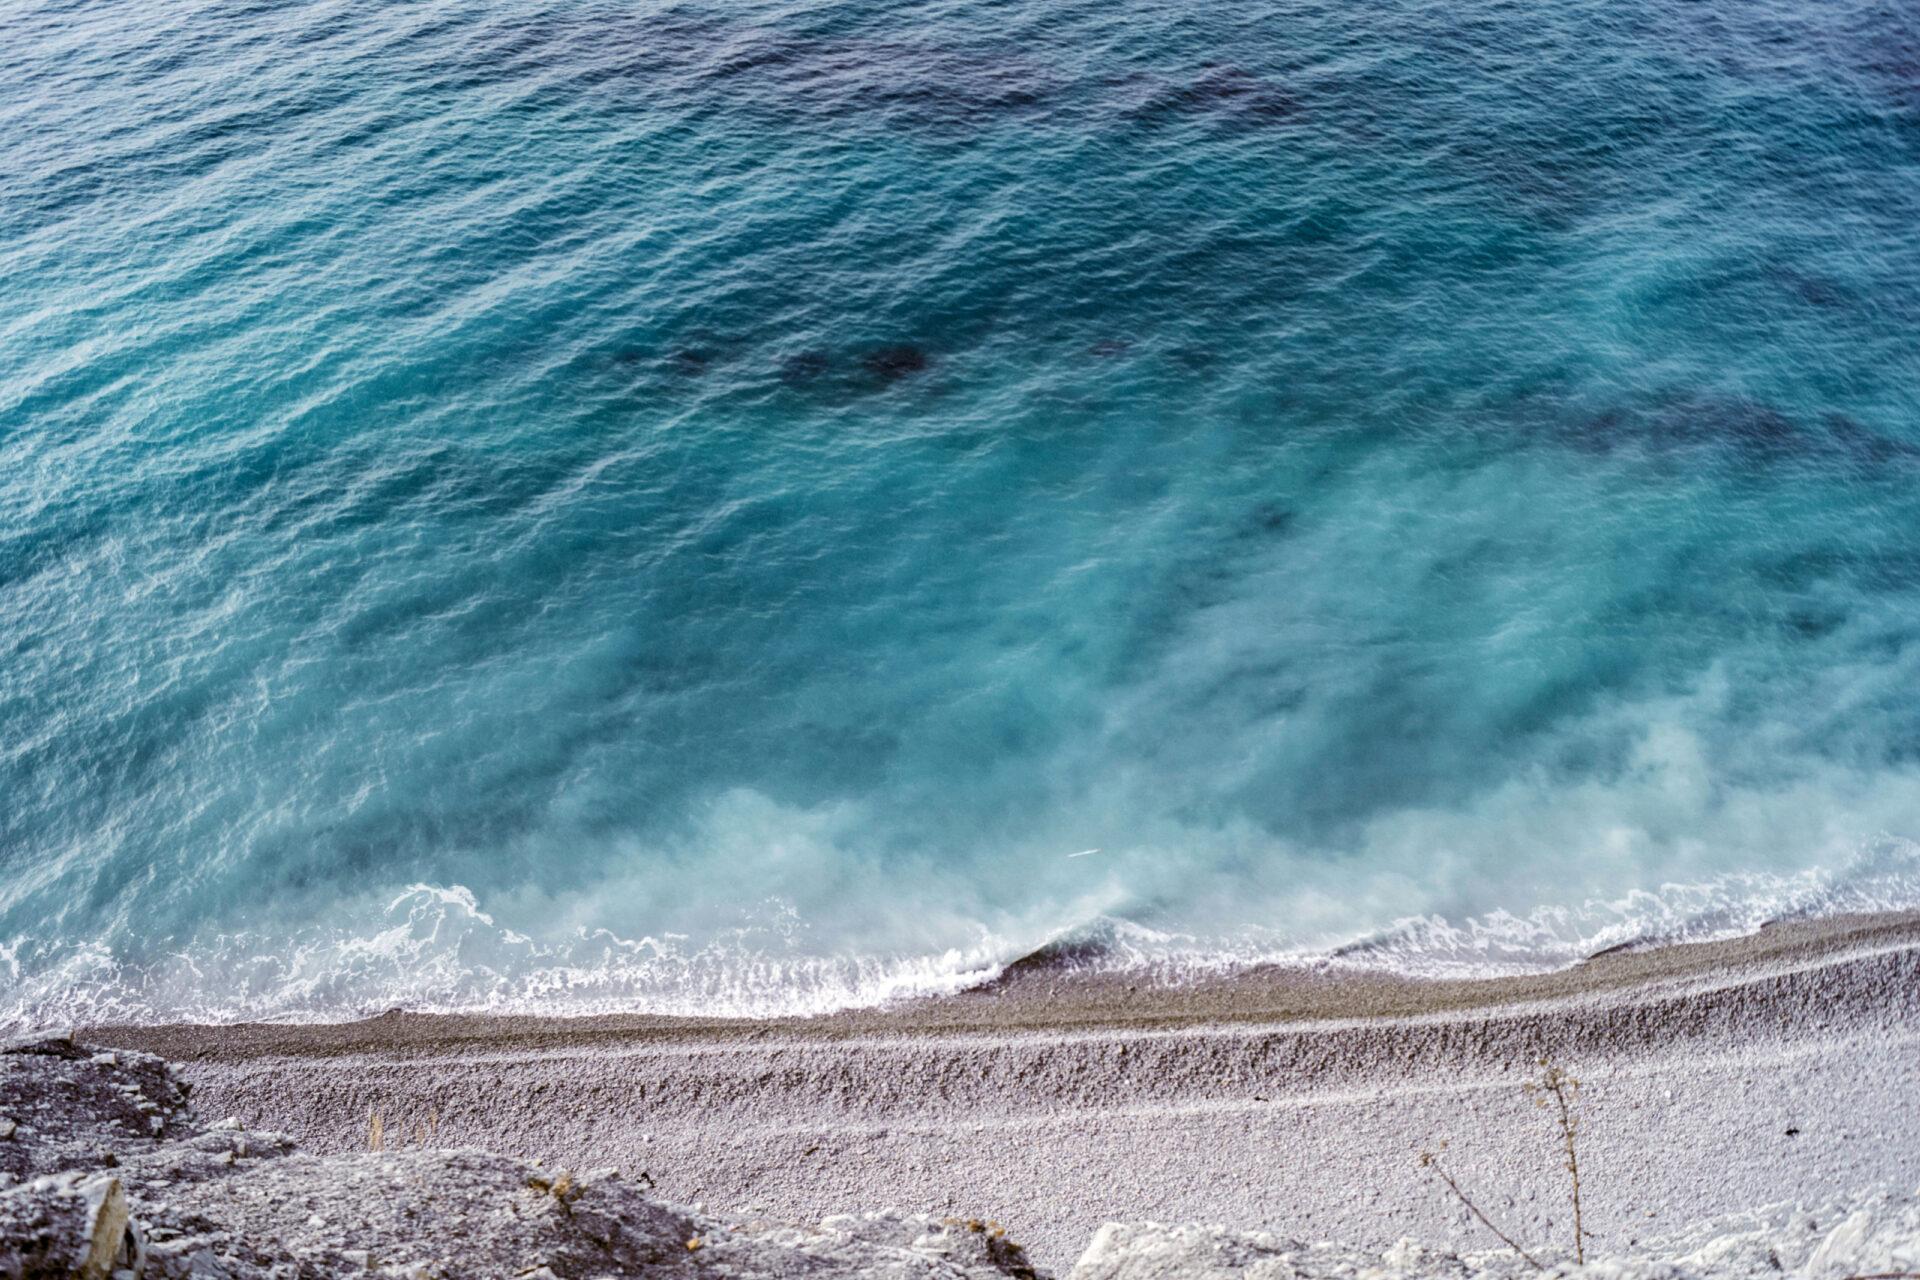 материалов море в сочи зимой фото например, нельзя увеличивать